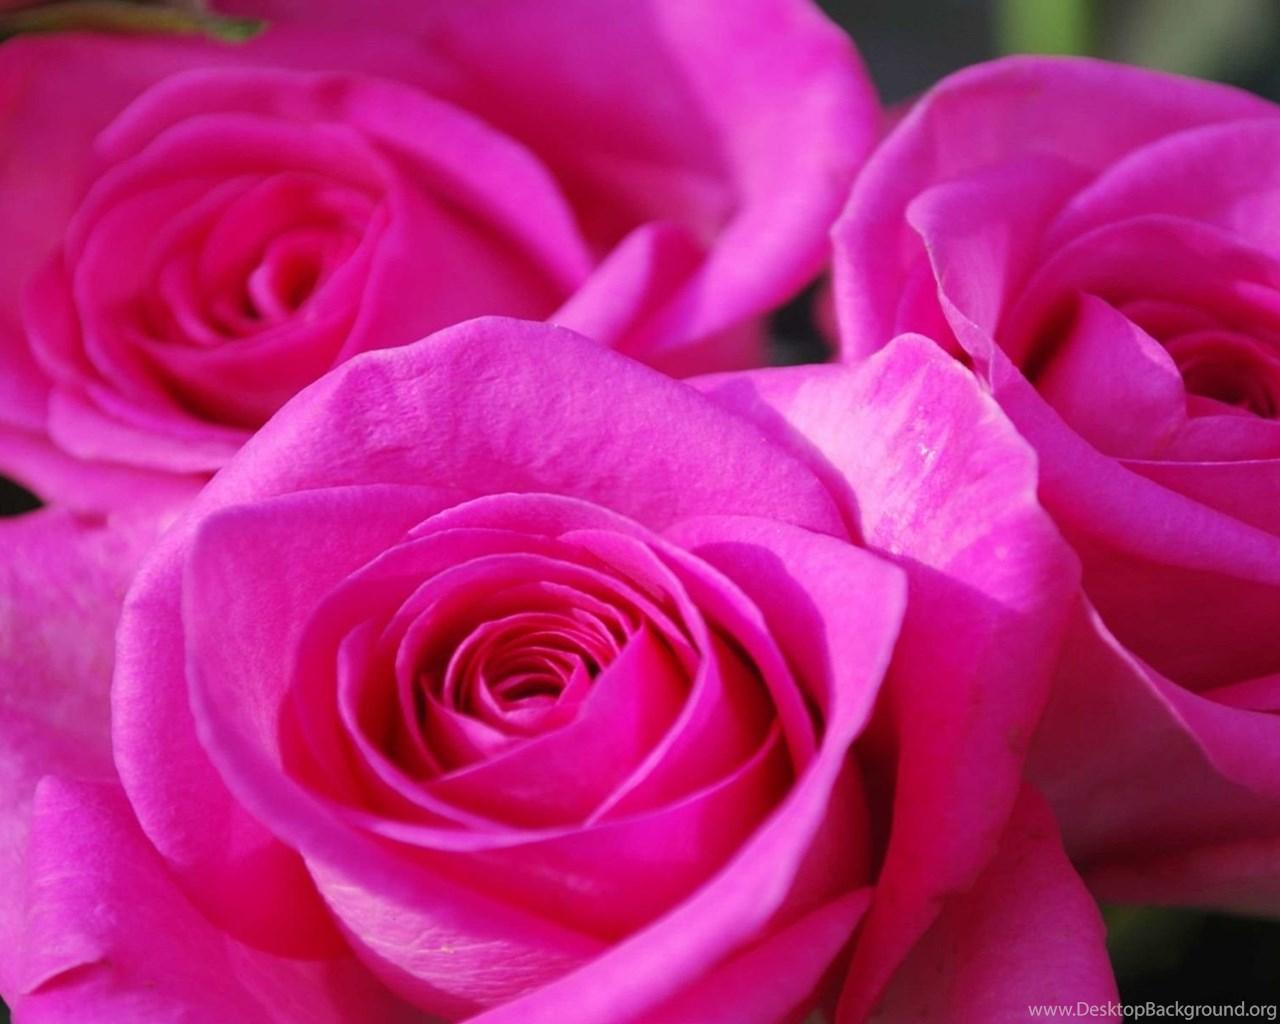 Beautiful pink roses wallpapers flower wallpapers desktop background widescreen izmirmasajfo